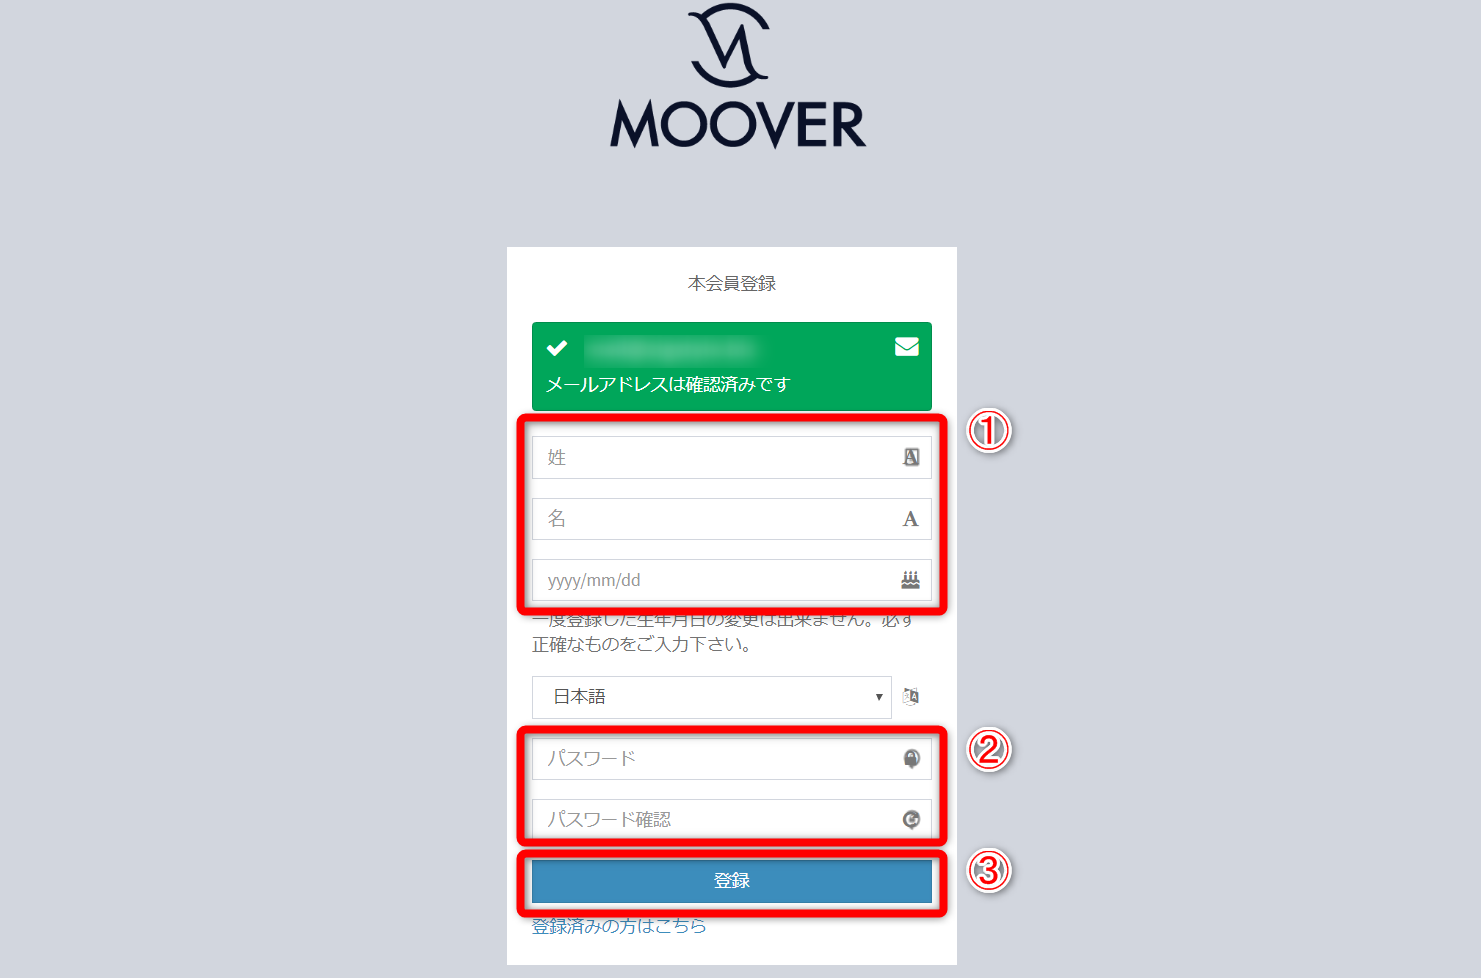 MOOVER登録画面